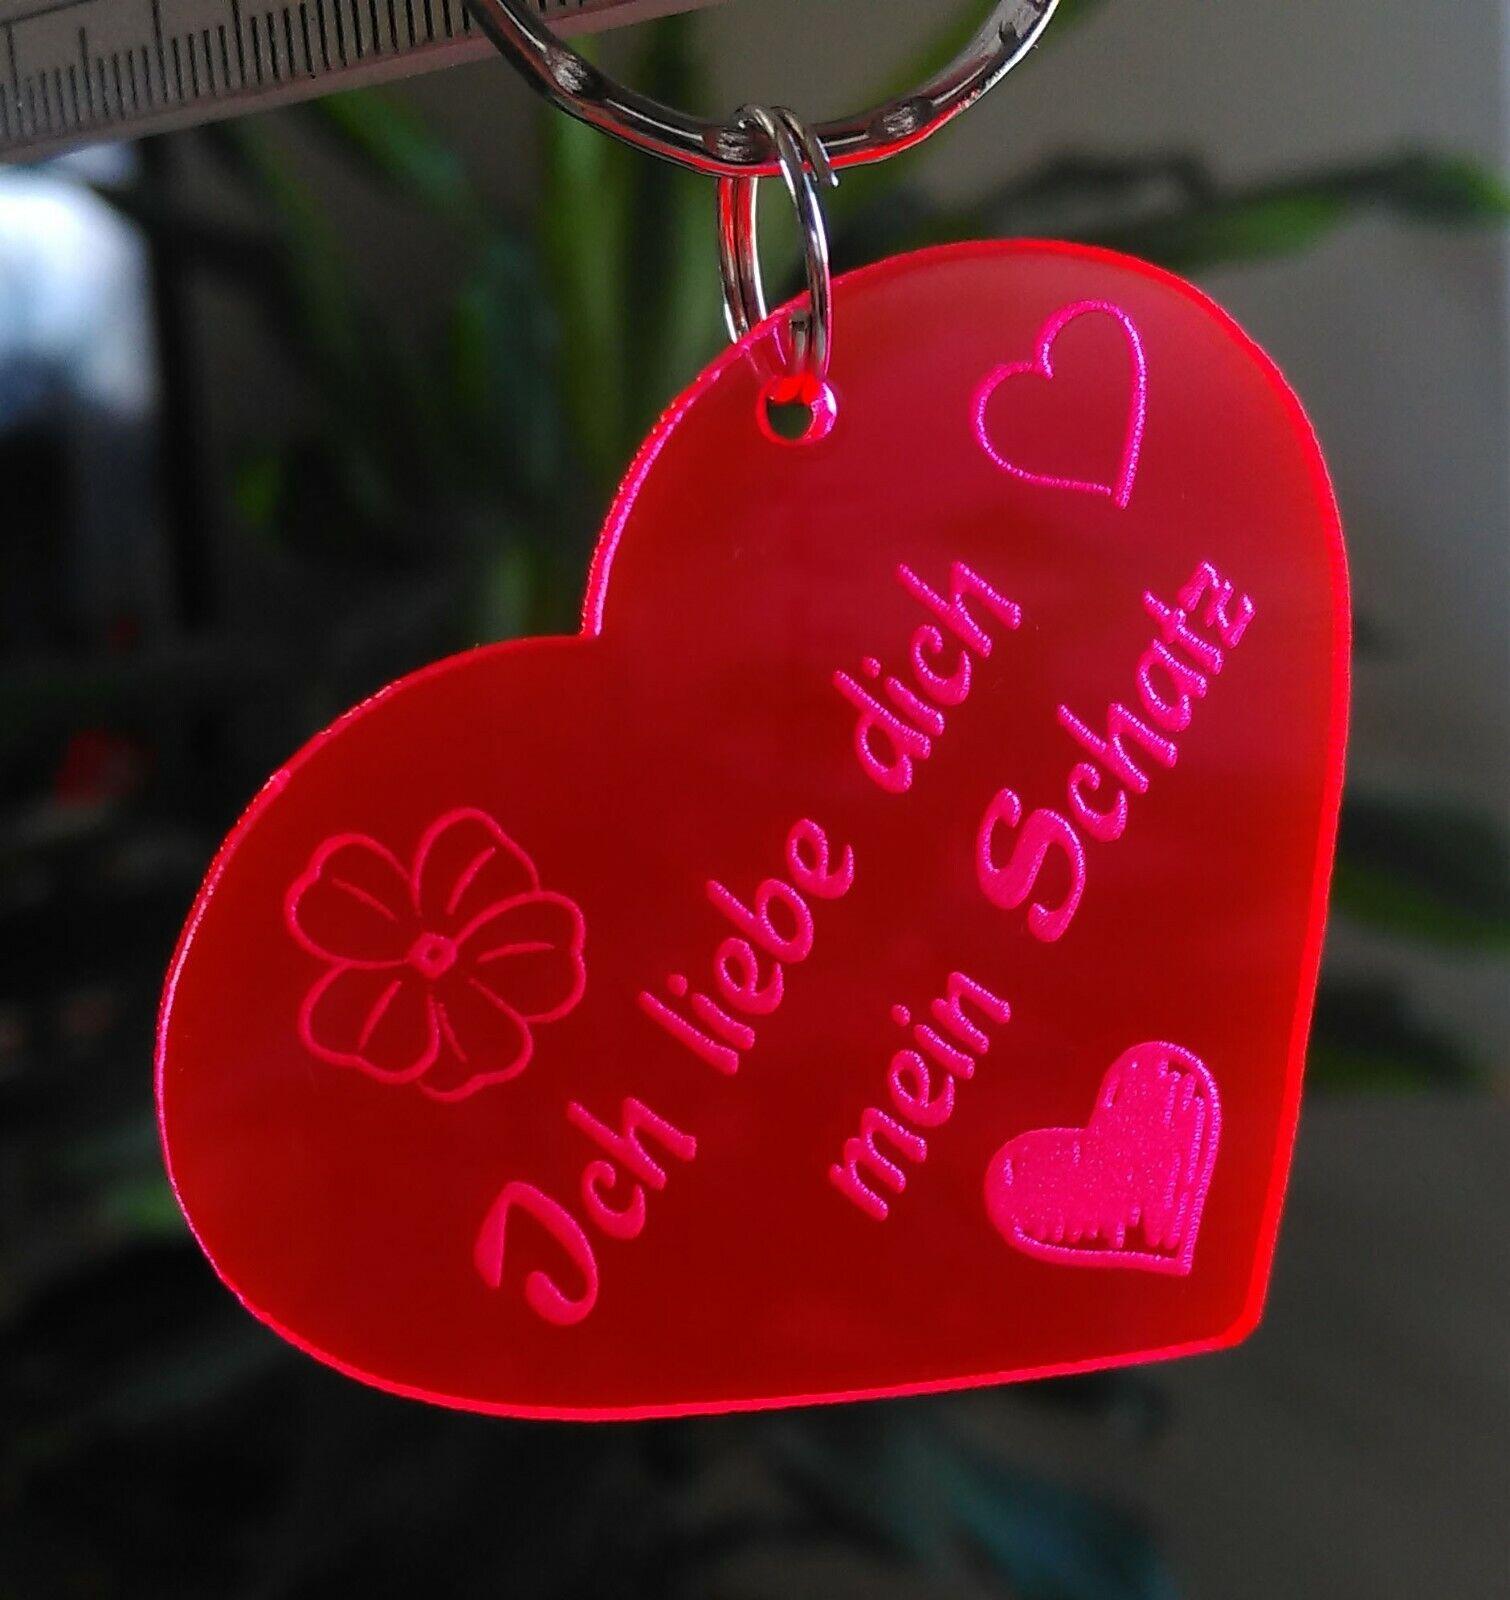 Herz Ich Liebe Dich Valentinstag Geschenk Schlusselanhanger